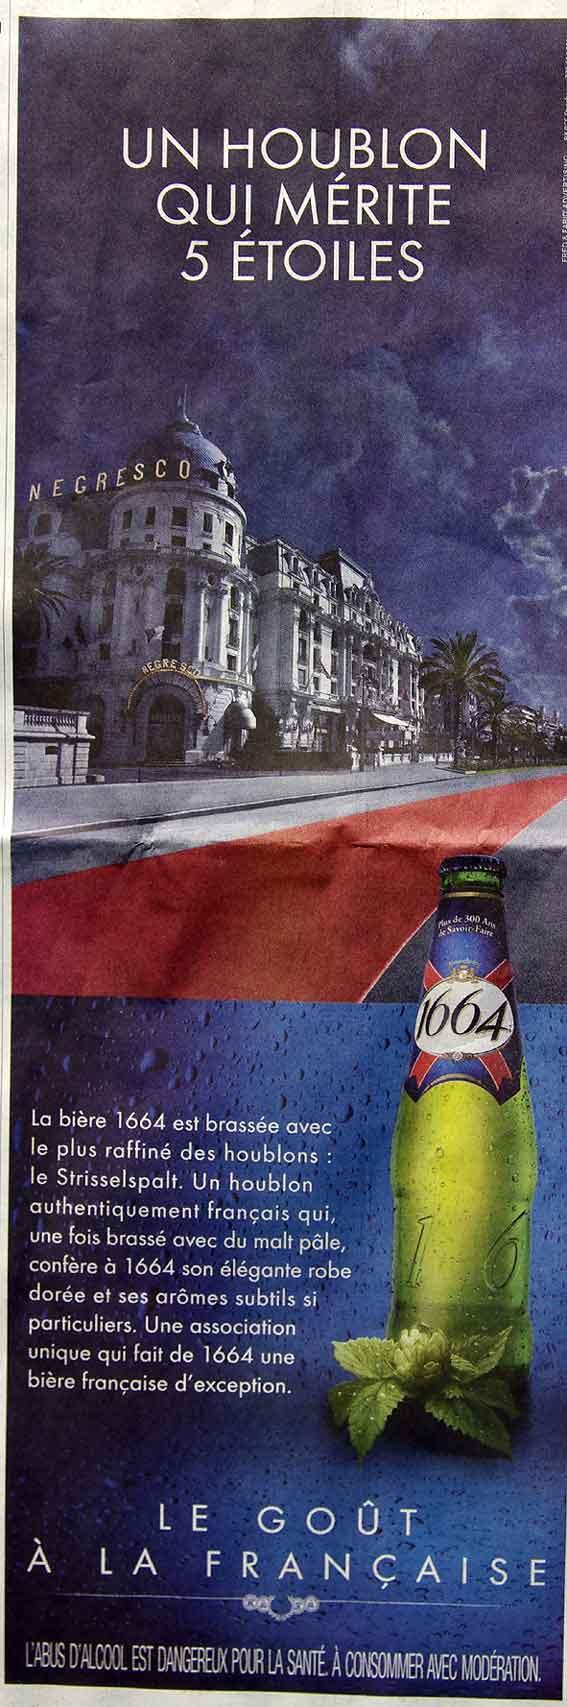 publicité pour la bière 1664